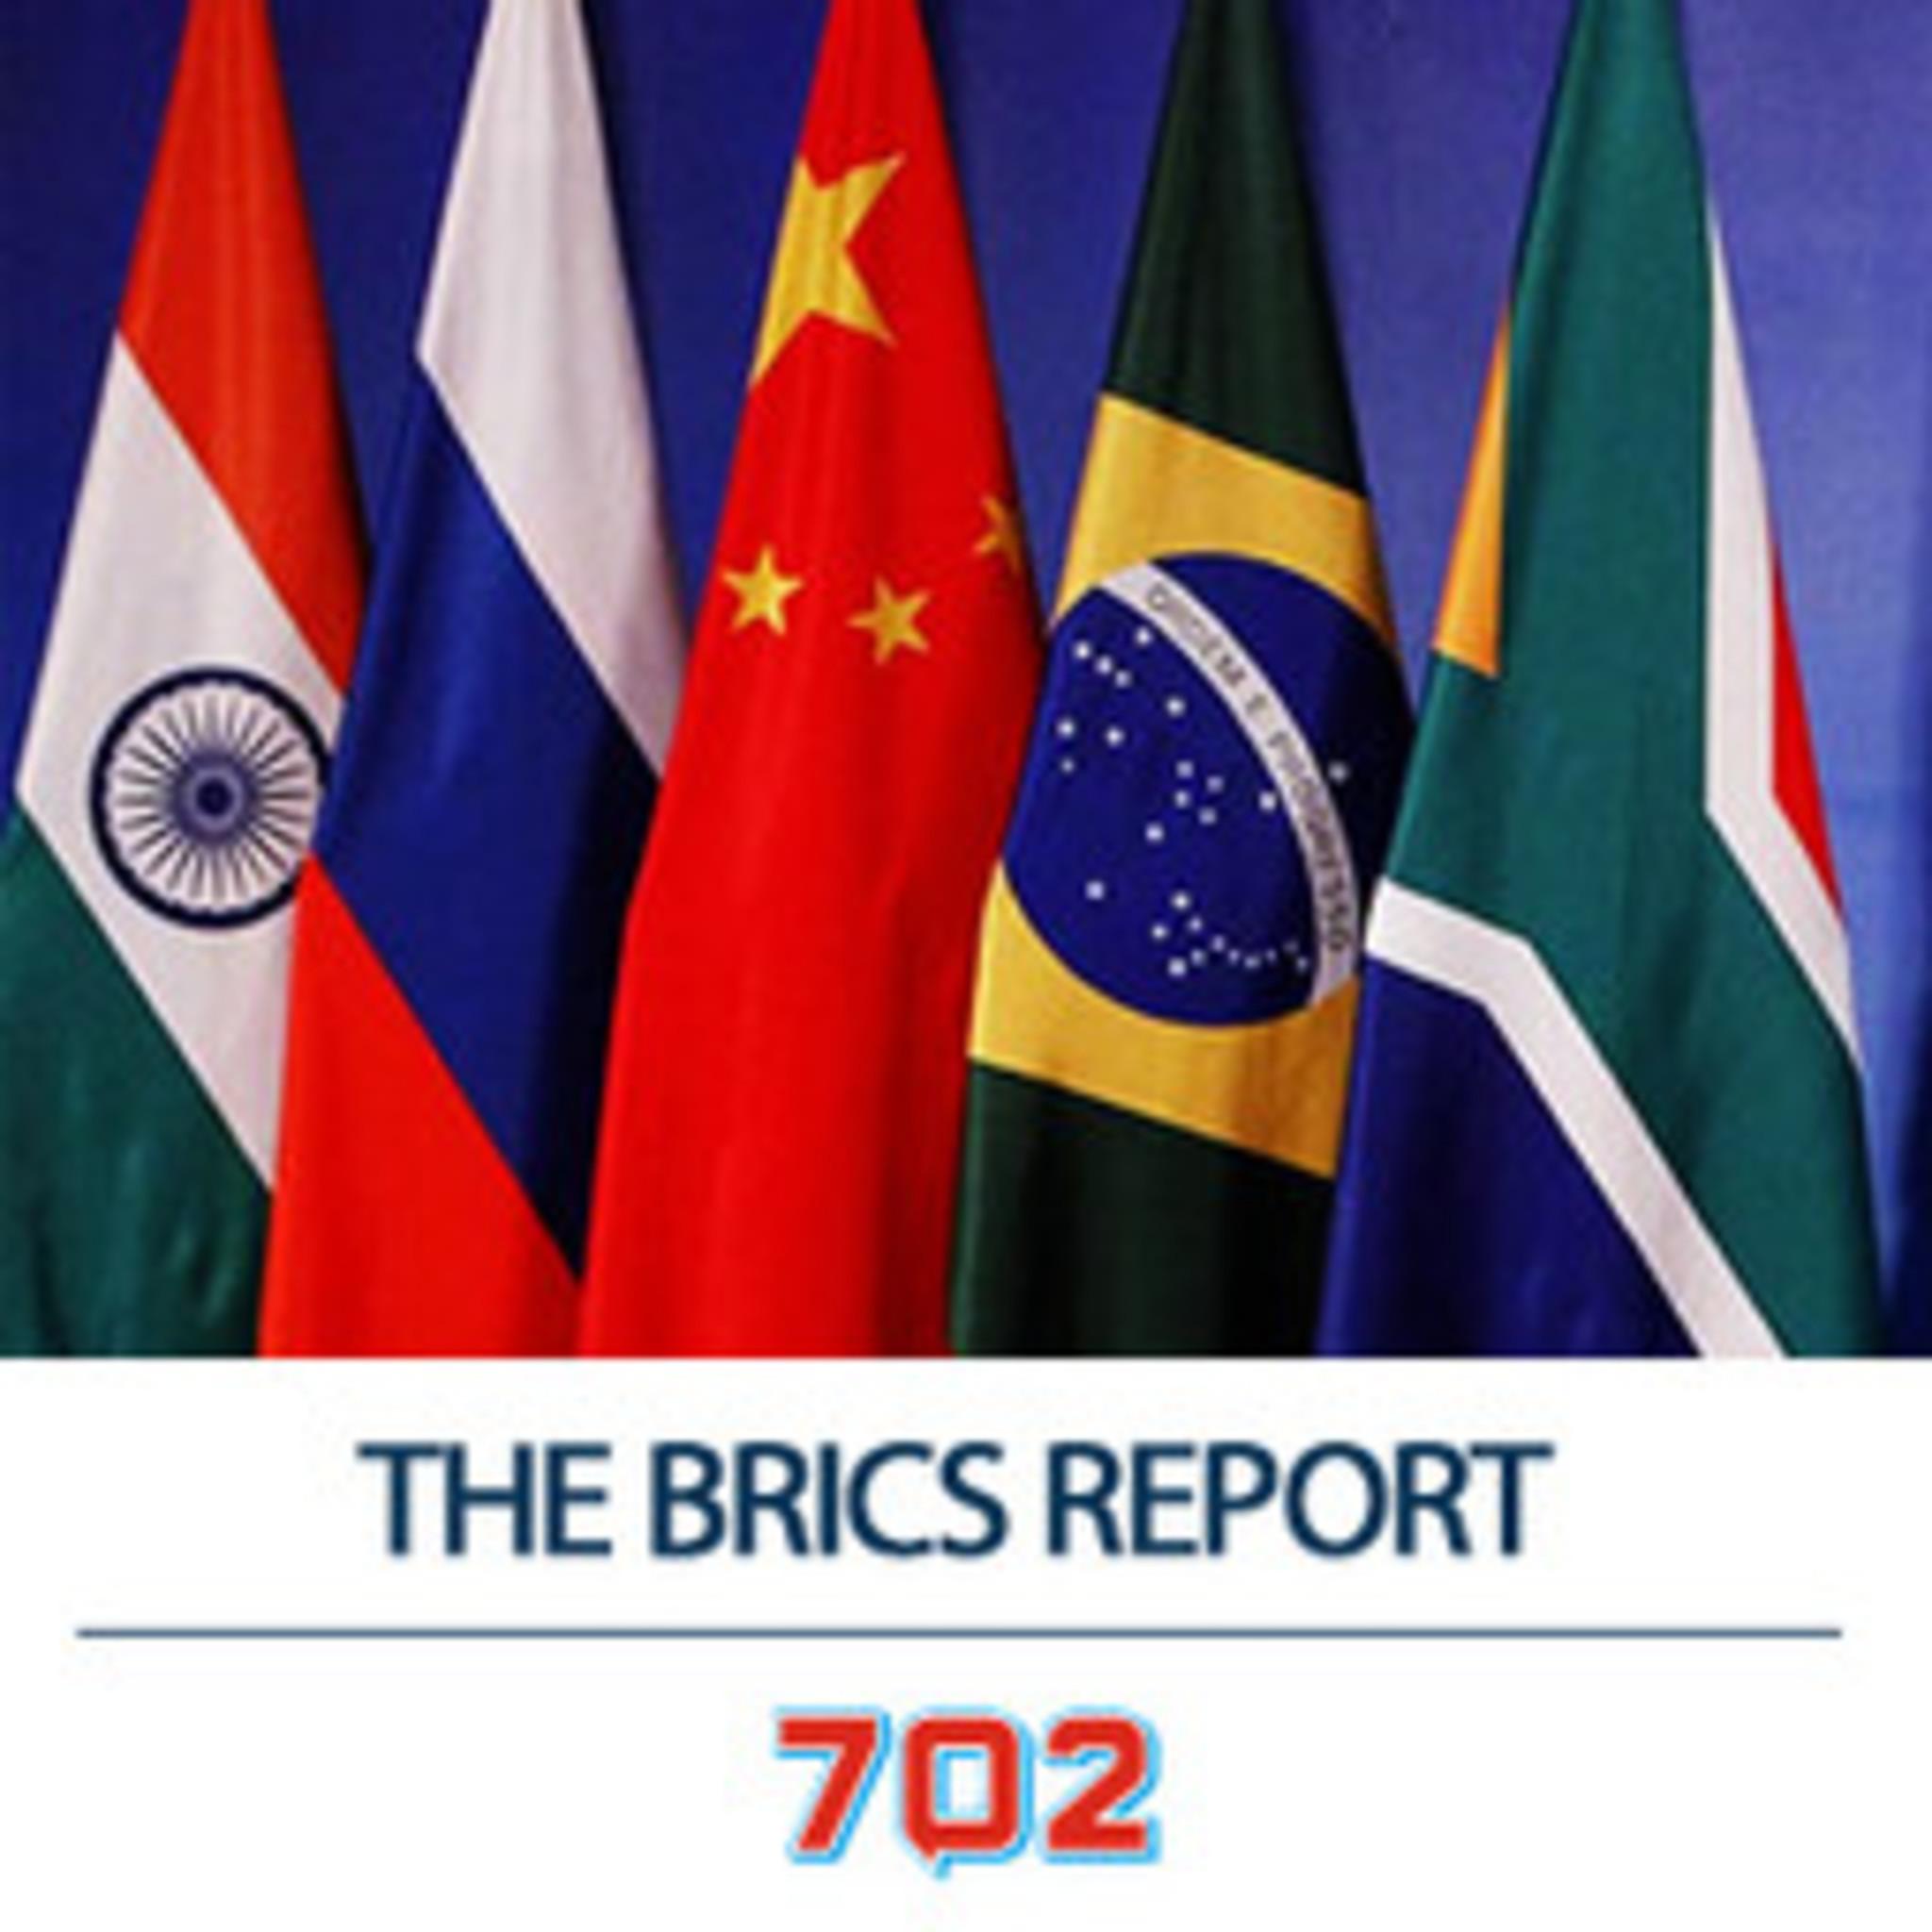 BRICS Report: India